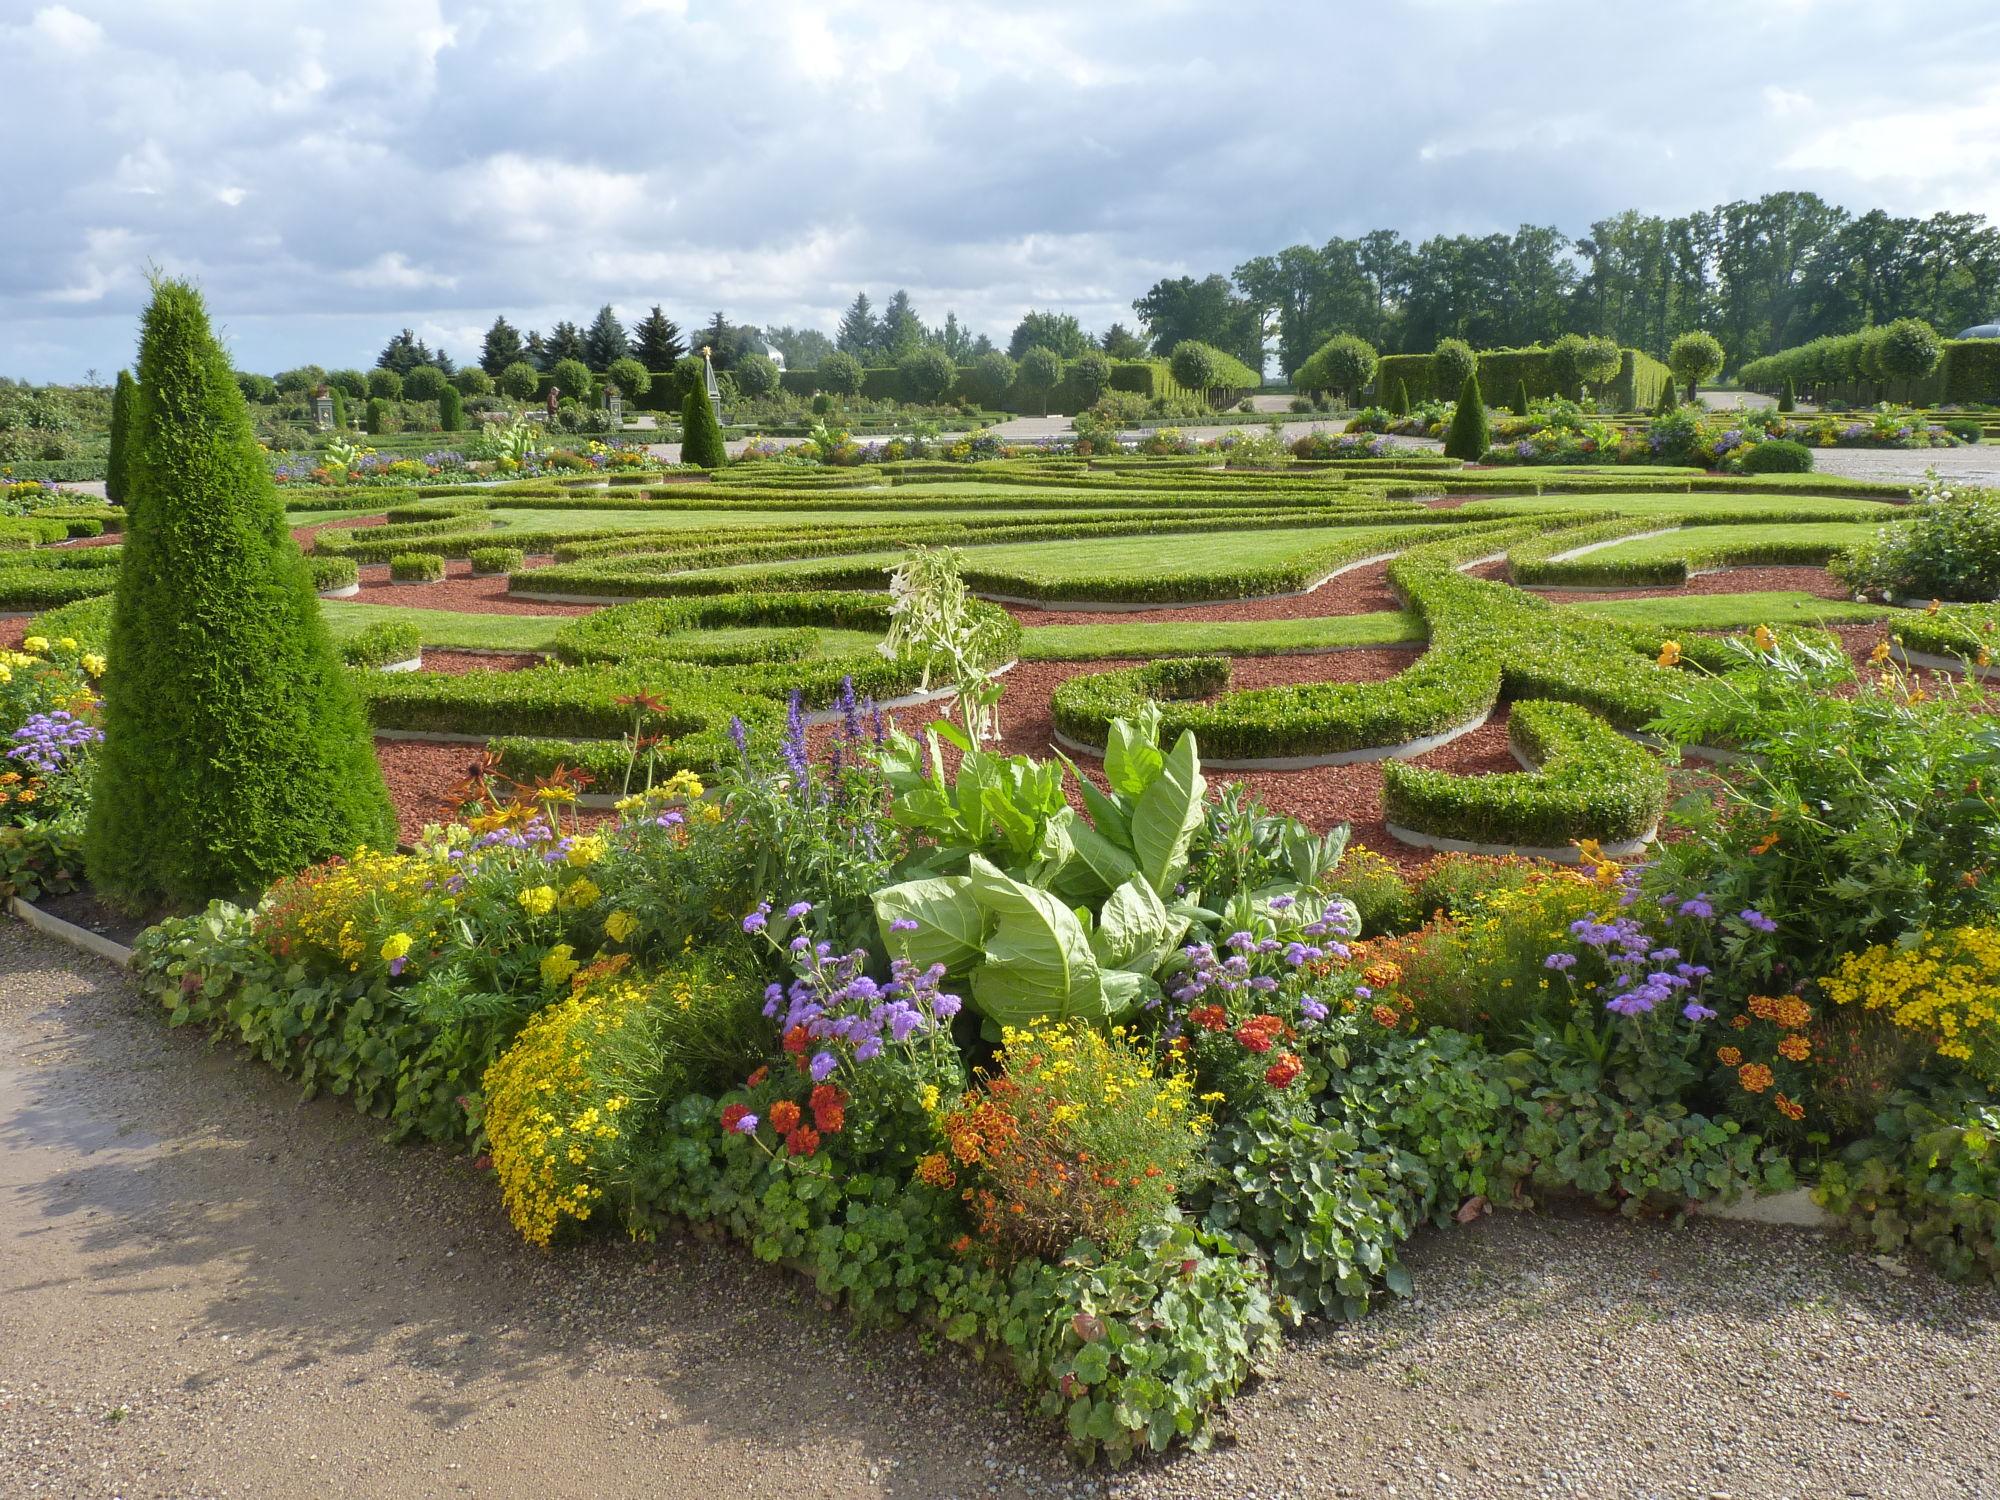 Parková úprava zahrad v lotyšském zámku Rundale.